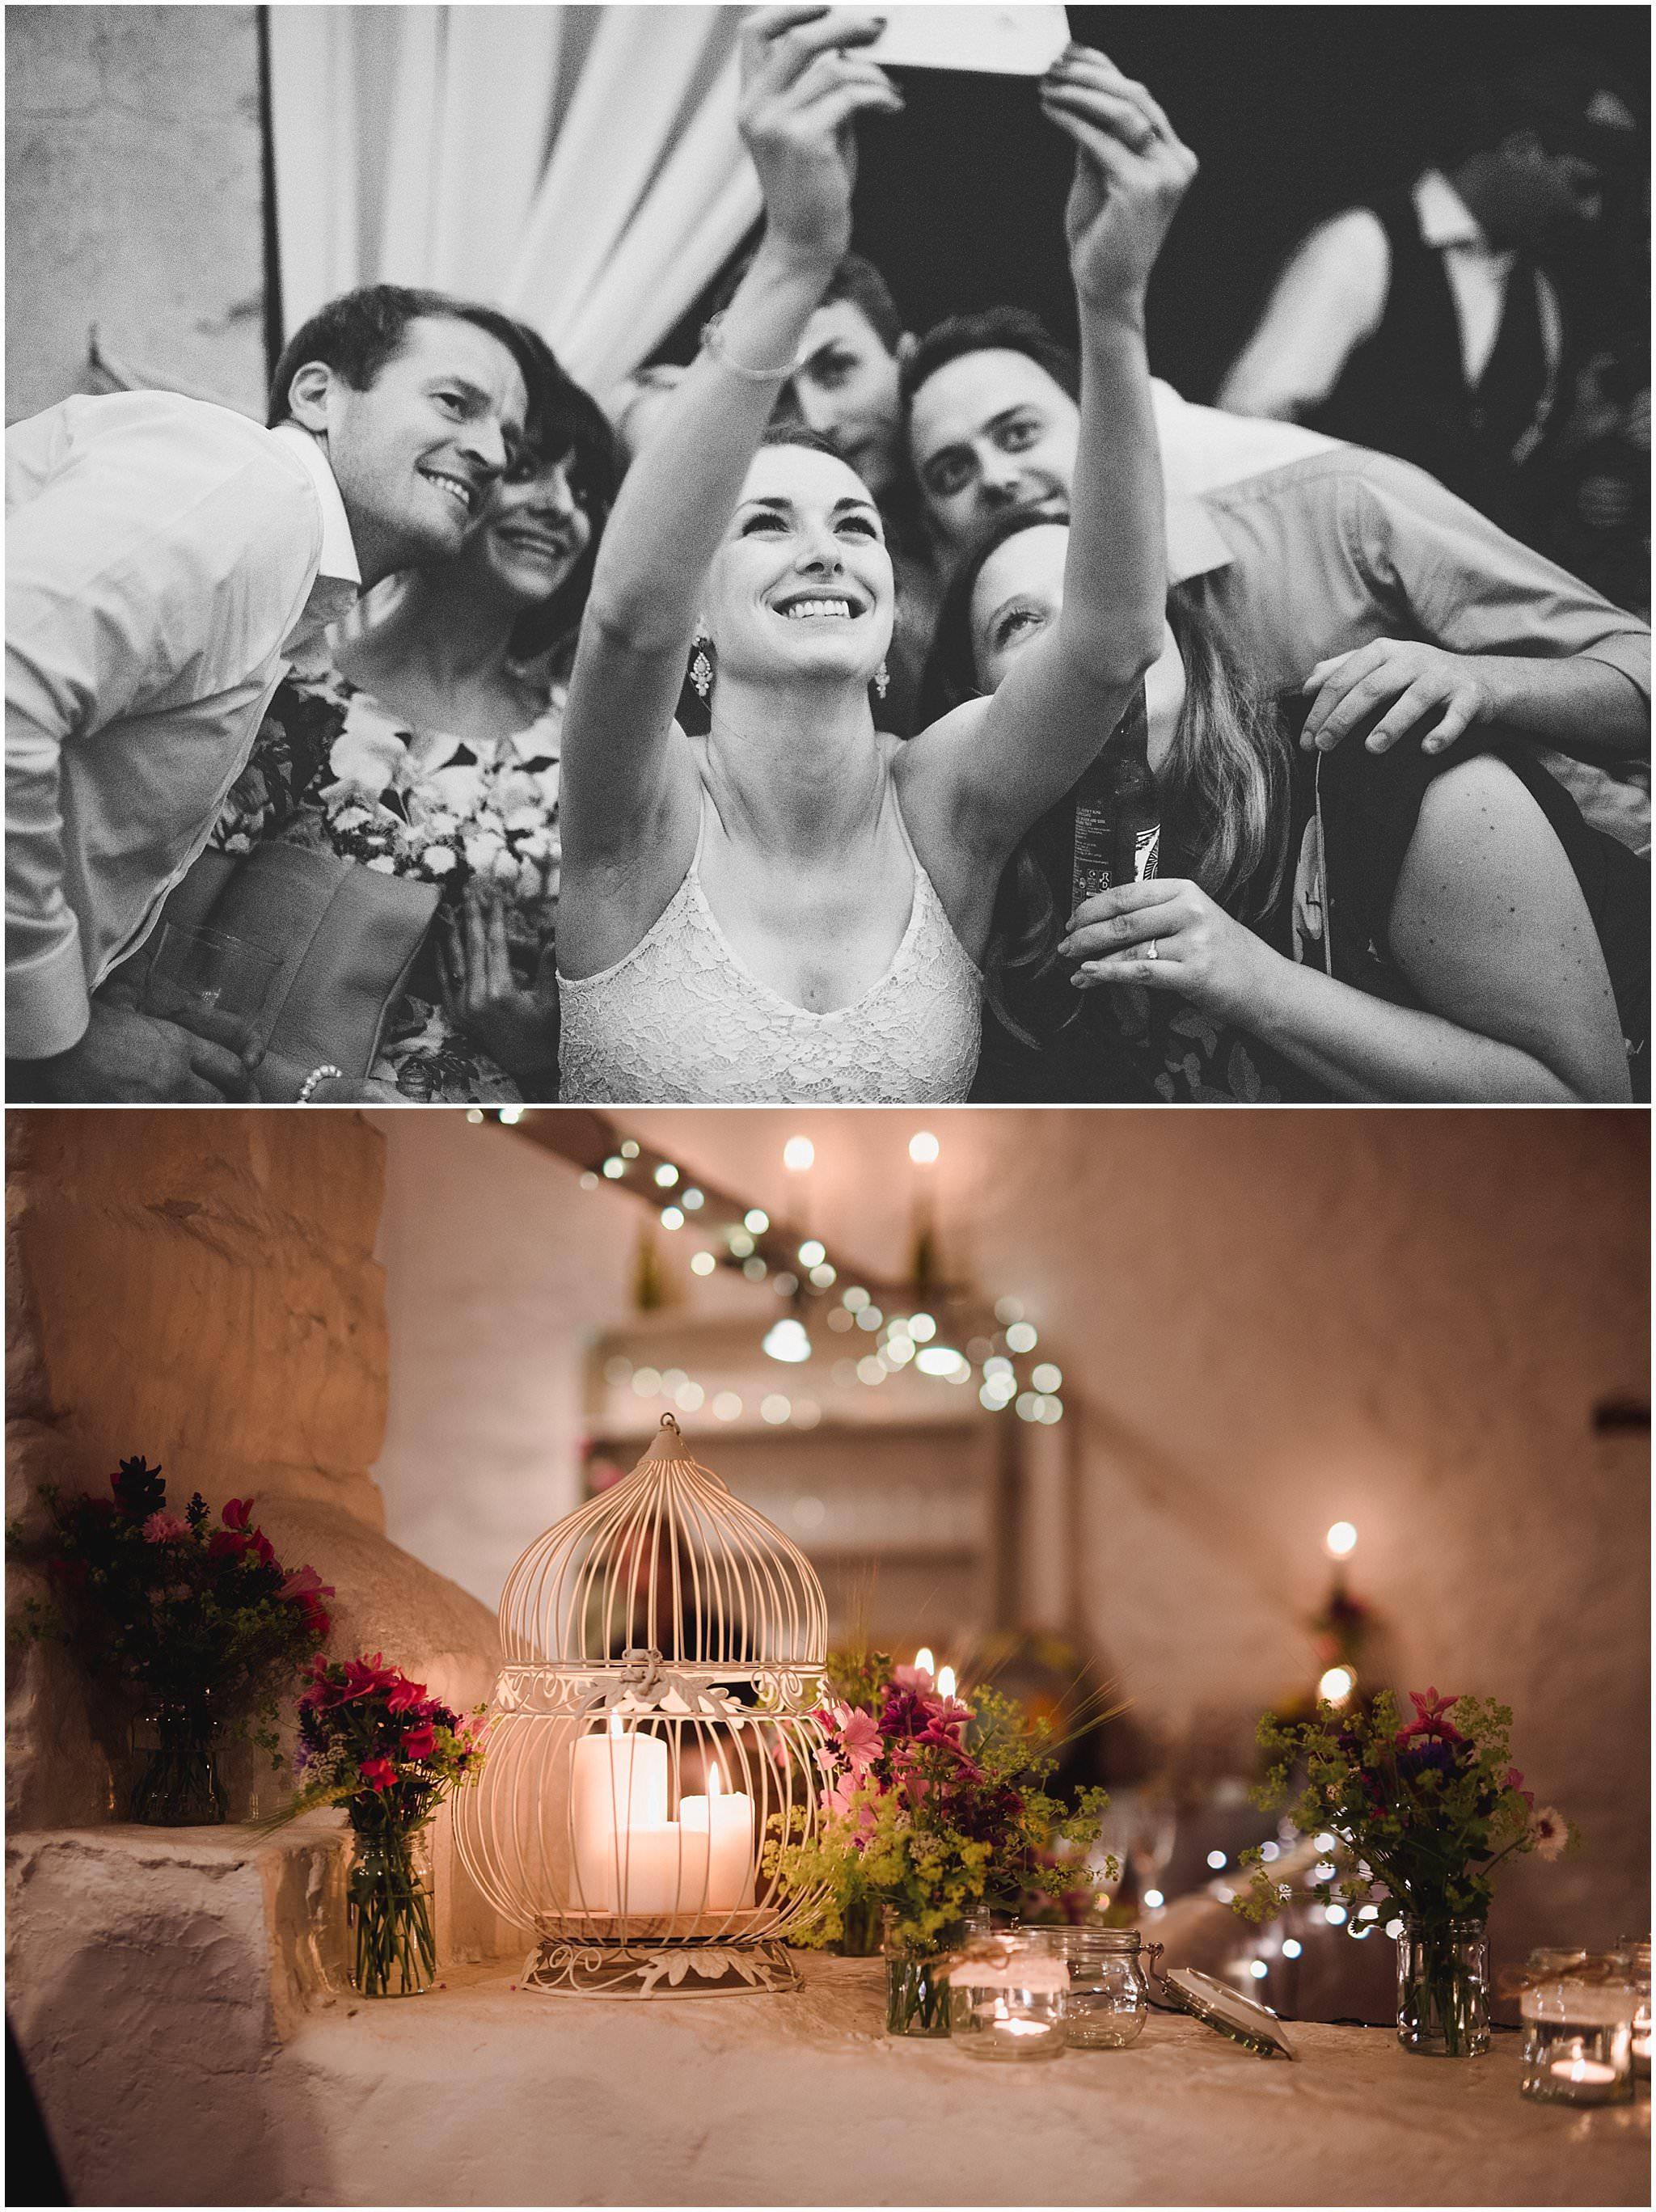 fay & tim wedding at ashley wood farm_0498